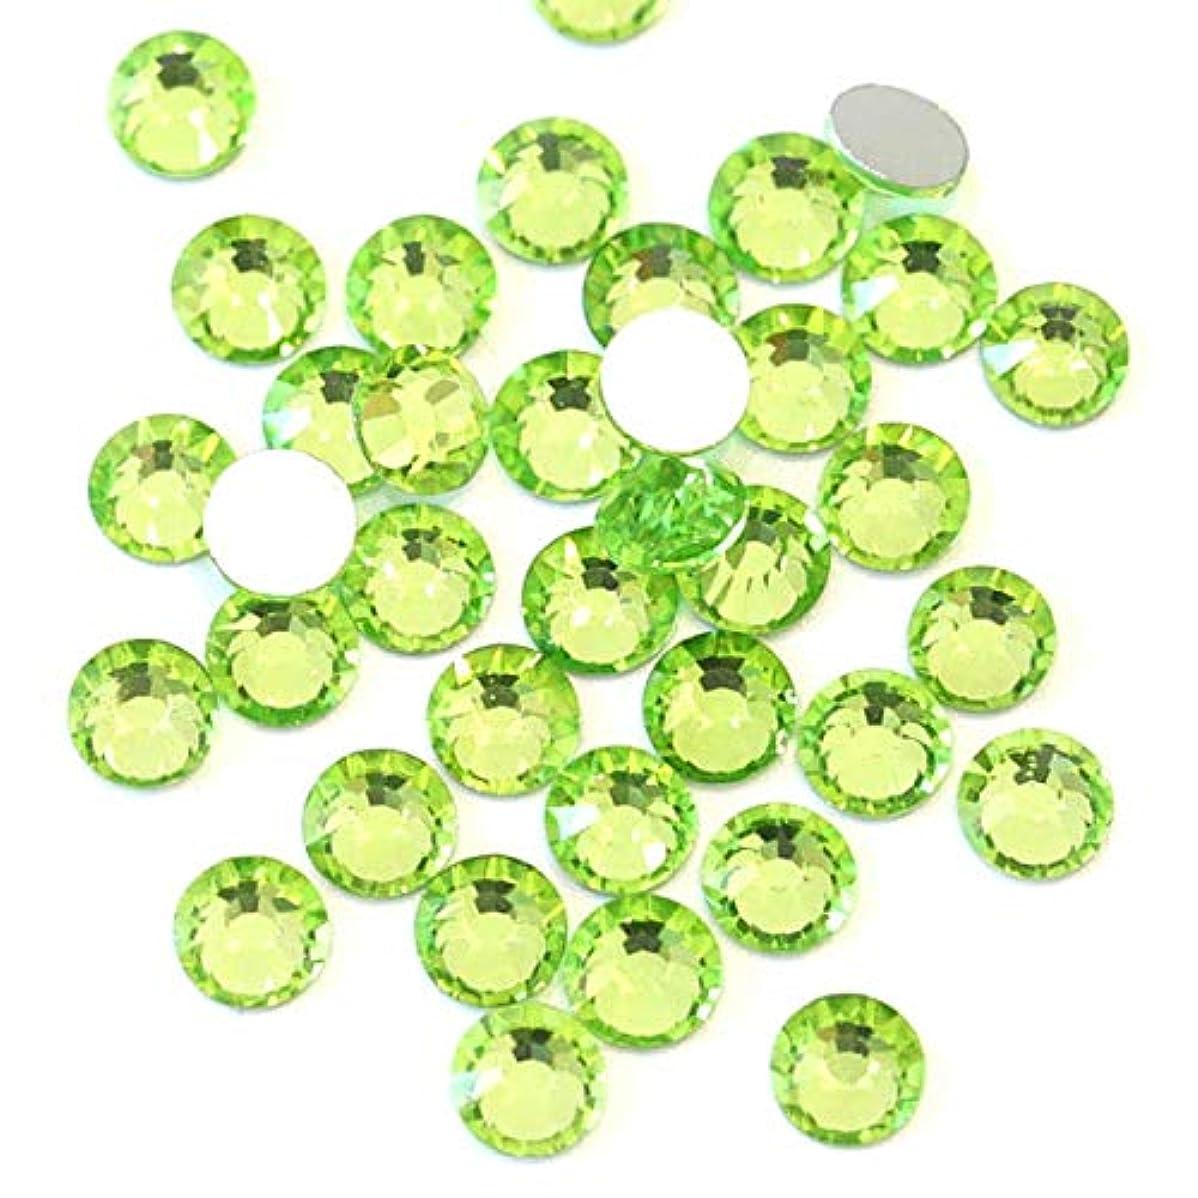 抽選急いで国民【ラインストーン77】 超高級 ガラス製ラインストーン SS4~SS30 ペリドット スワロフスキー同等 (4.0mm (SS16) 約150粒)